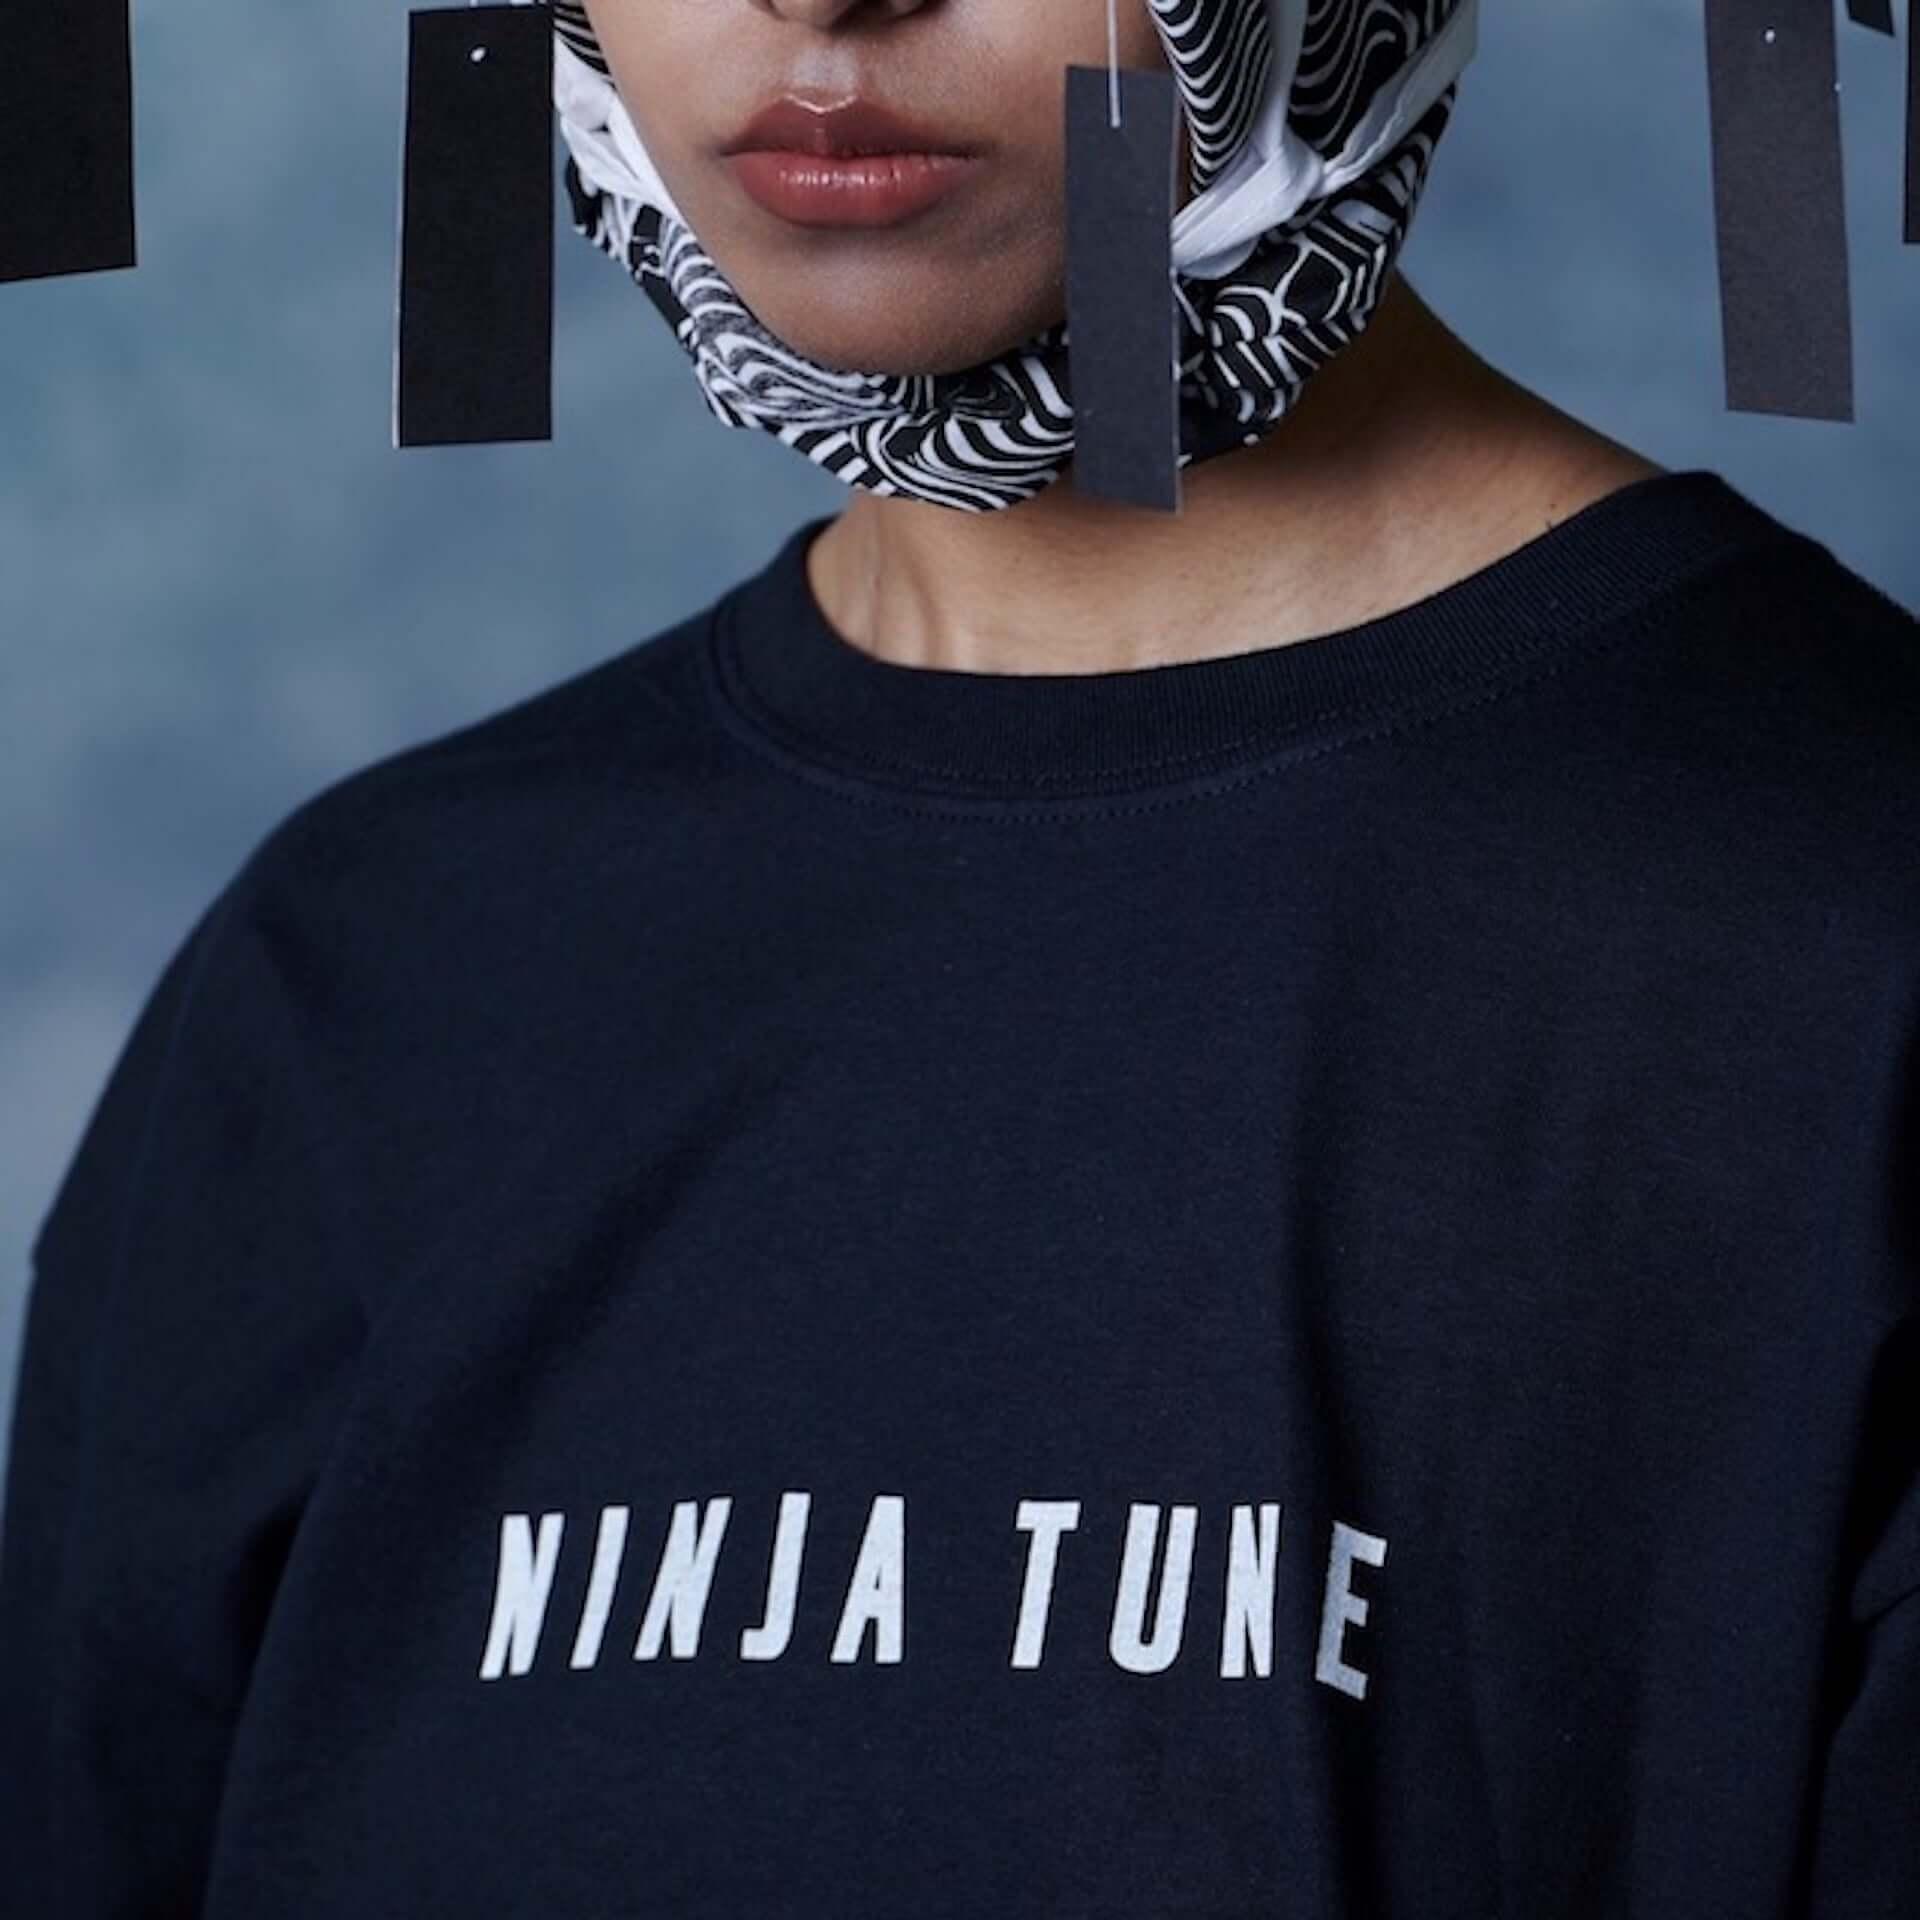 〈Ninja Tune〉30周年記念!Sasquatchfabrix.によるカプセルコレクション「NINJA BUSHI」が発売 music210329_ninjatune_6-1920x1920